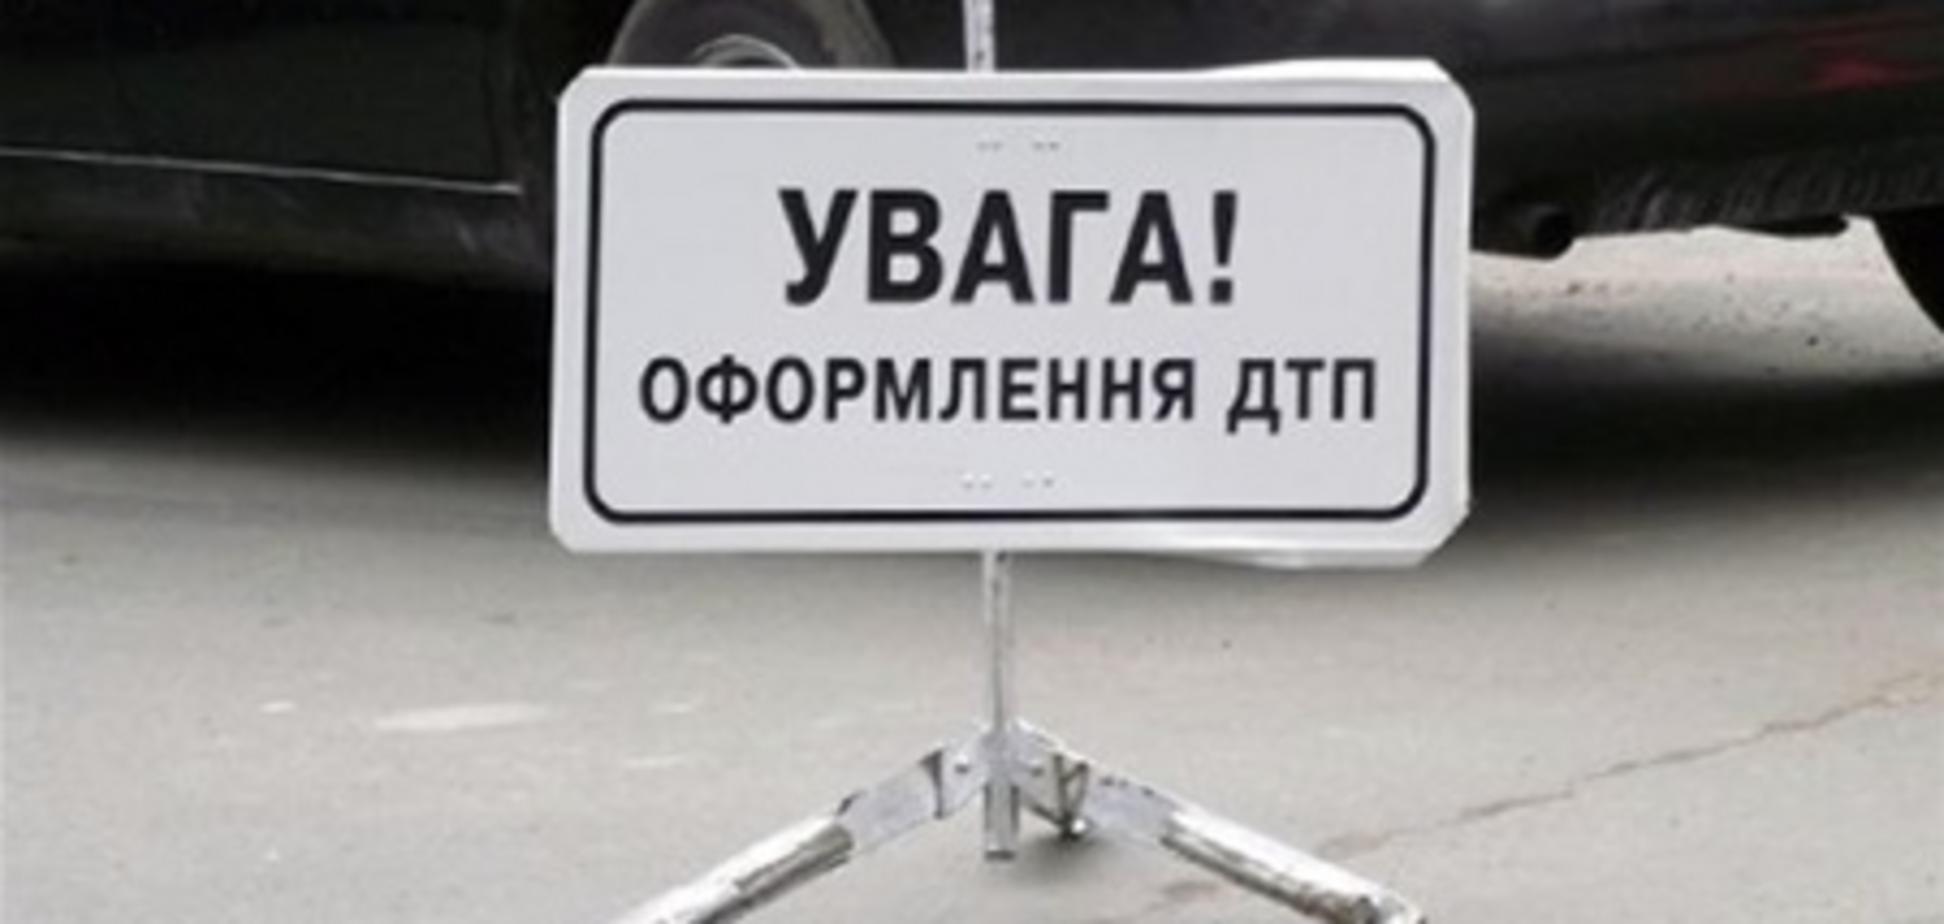 Ситуация на дорогах за 28 апреля: 88 ДТП, 16 погибших